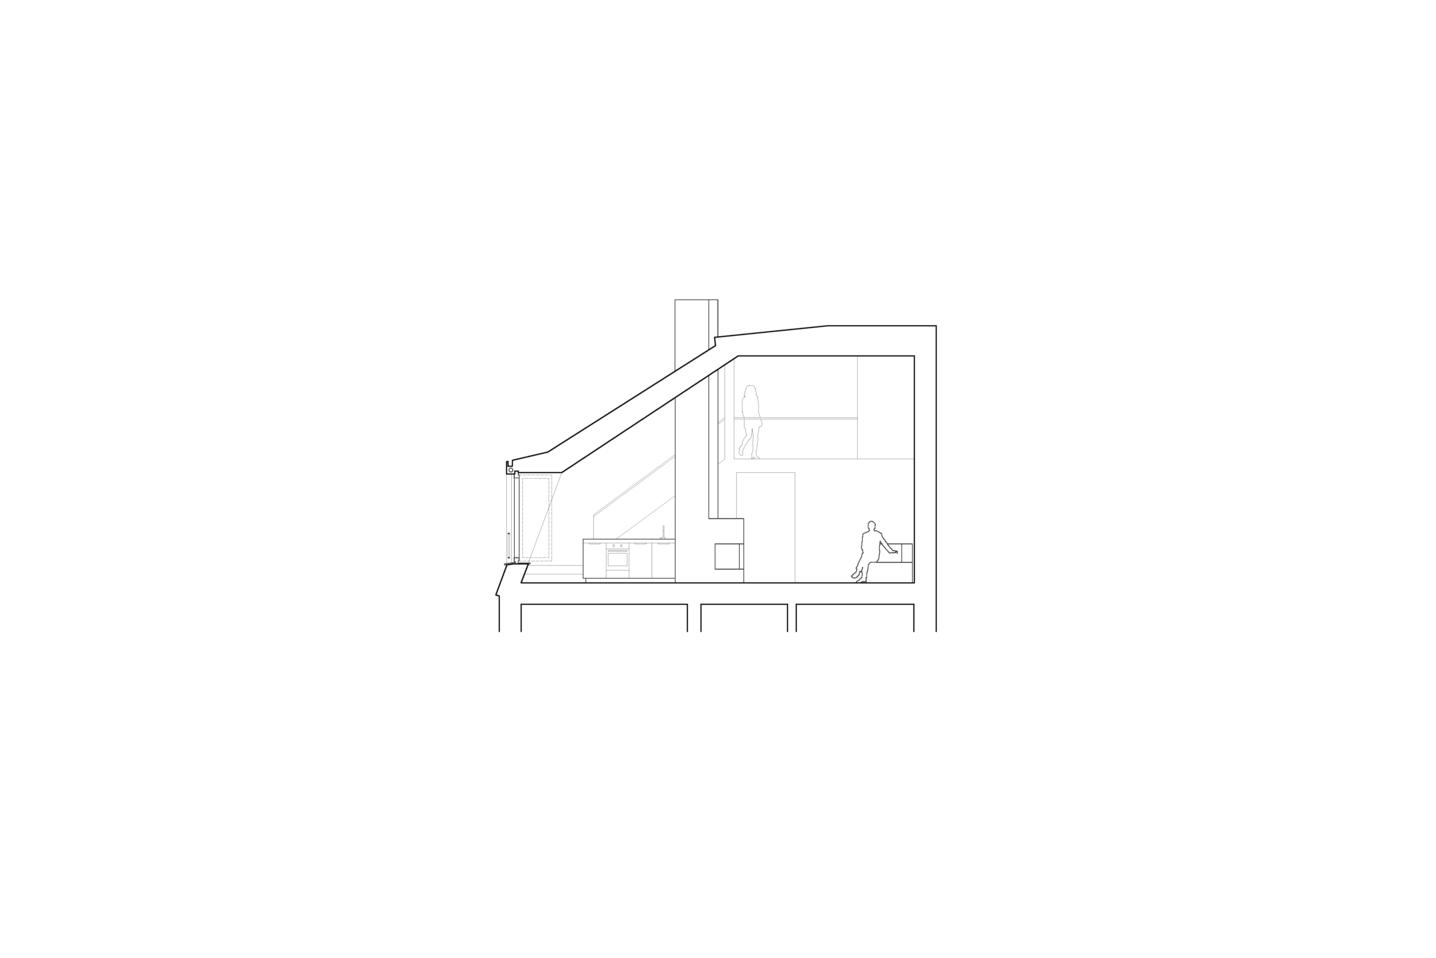 054-LIN-02-QUERSCHNITT.png